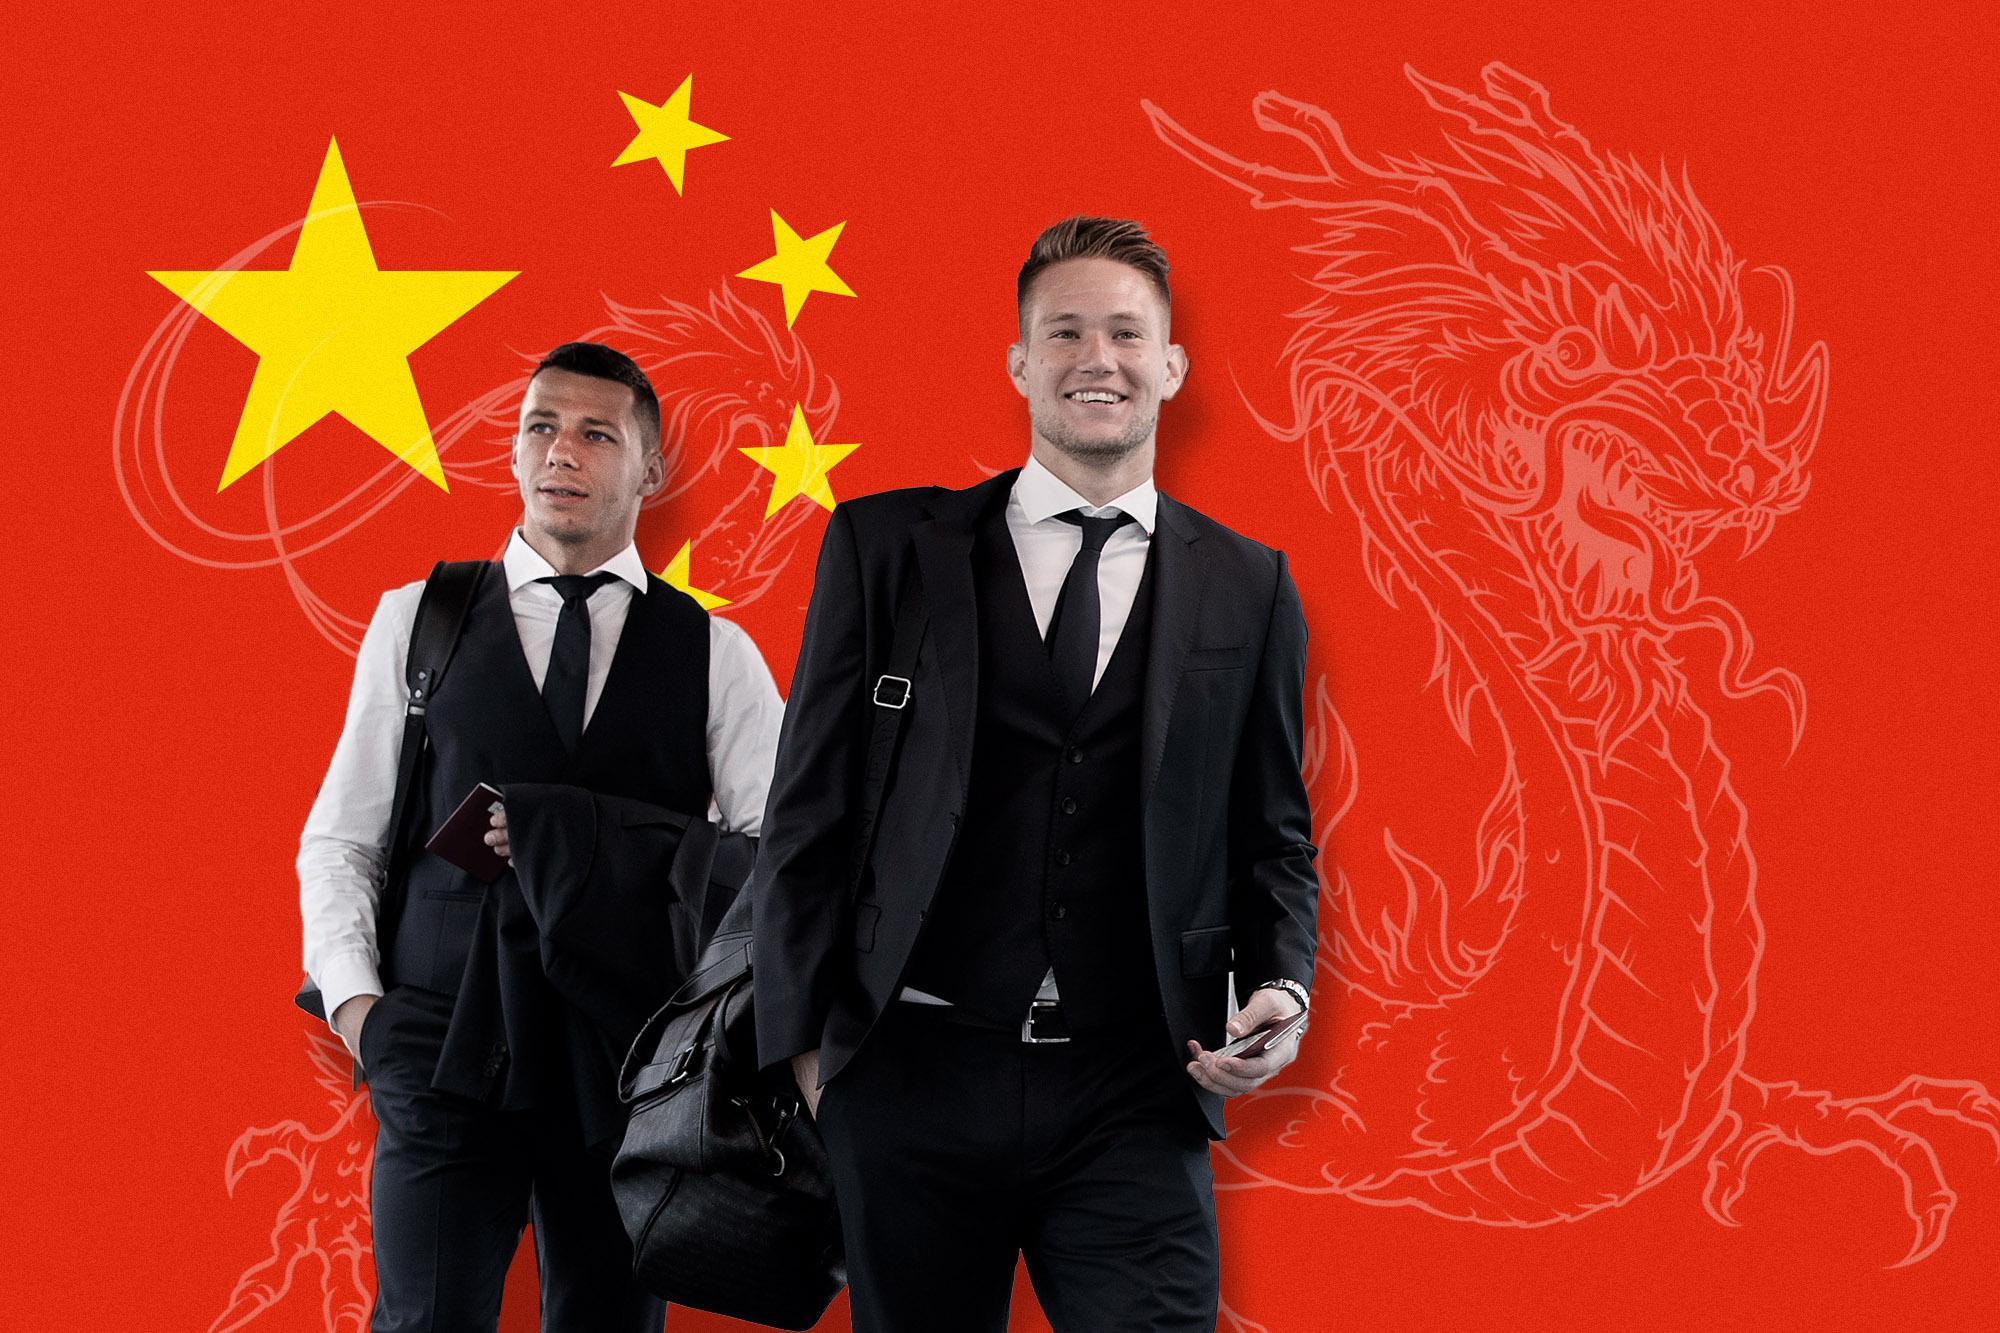 Tomas Vaclik und Marek Suchy entdecken China – mit der tschechischen Nationalmannschaft beim Einladungsturnier «China Cup�